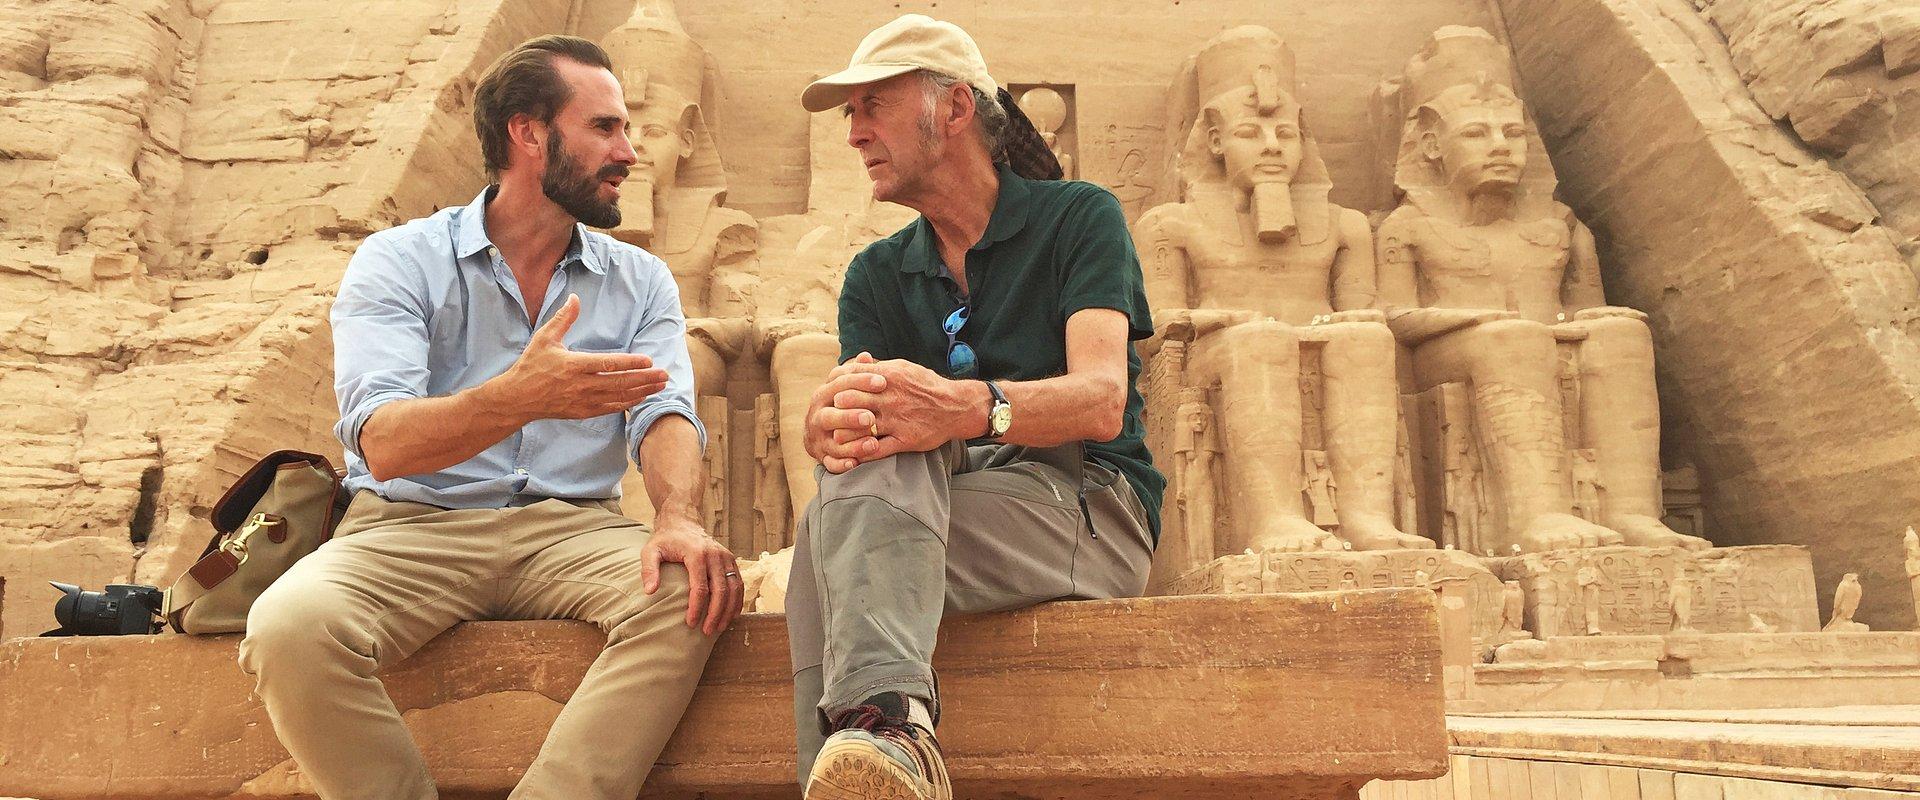 """Joseph Fiennes w starciu z wężami, mumiami i… legendą kuzyna-odkrywcy. Sławny podróżnik i hollywoodzki aktor ruszają na """"Wielką egipską wyprawę"""""""